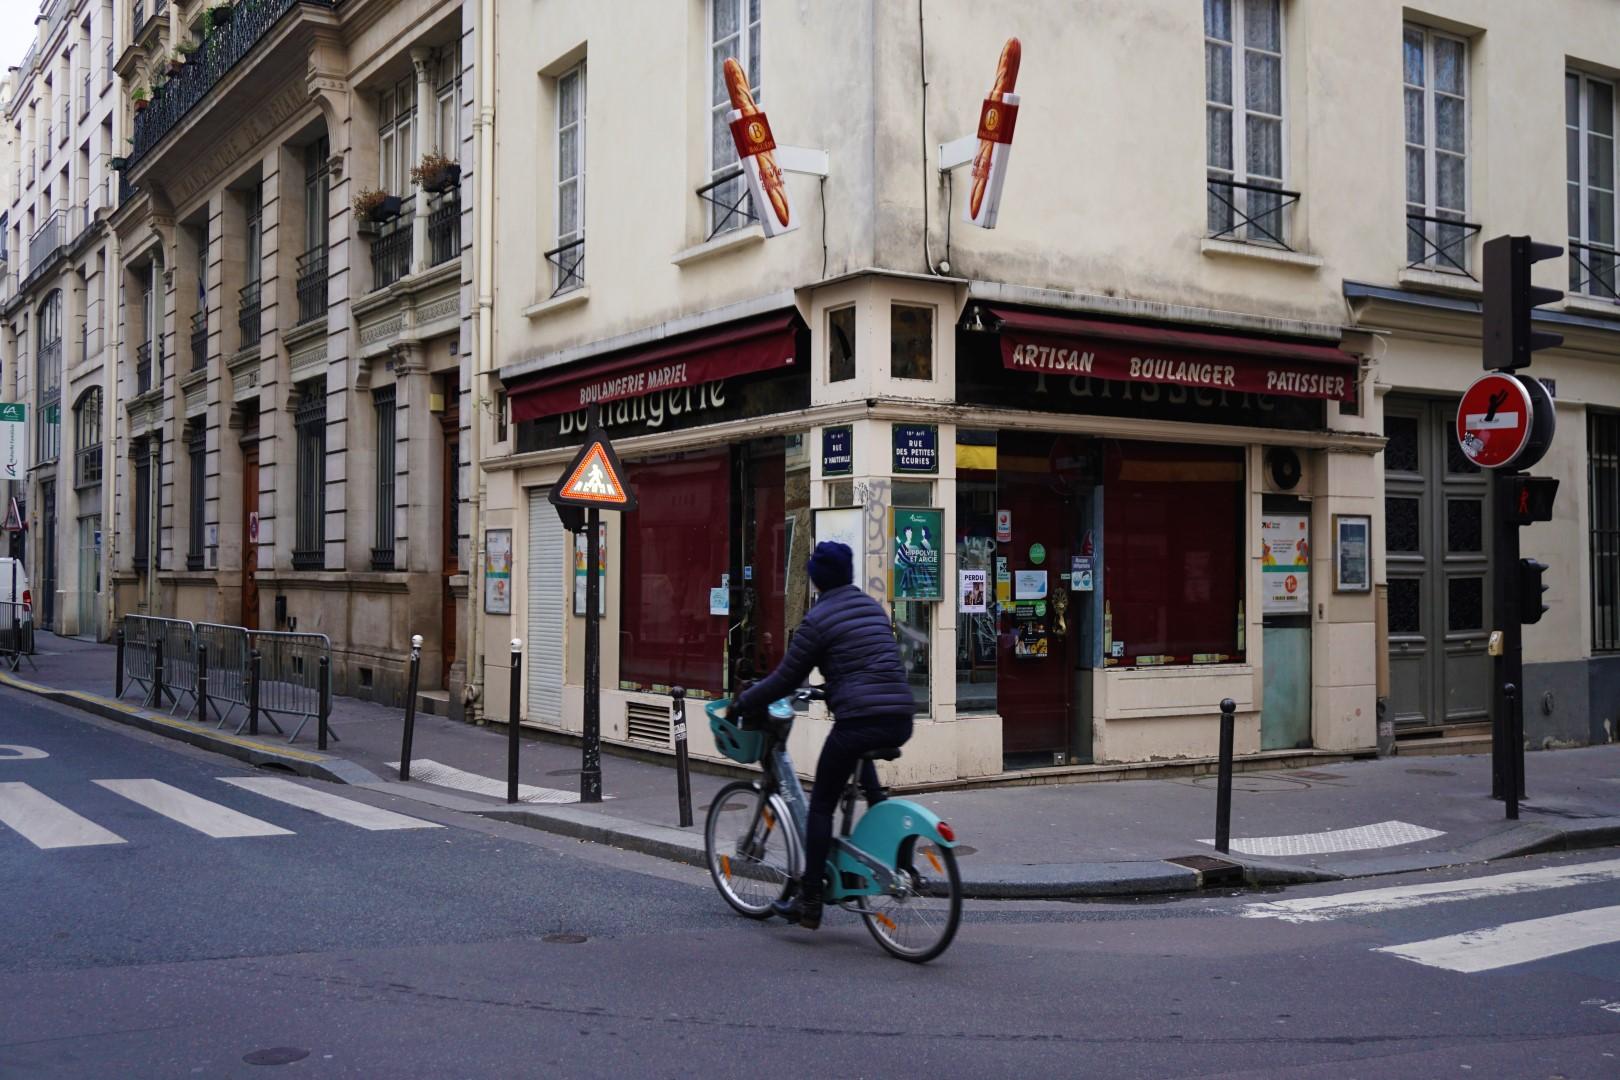 Rue d'Hauteville - Balade dans les 9e et 10e arrondissements de Paris - De place de la République à Pigalle